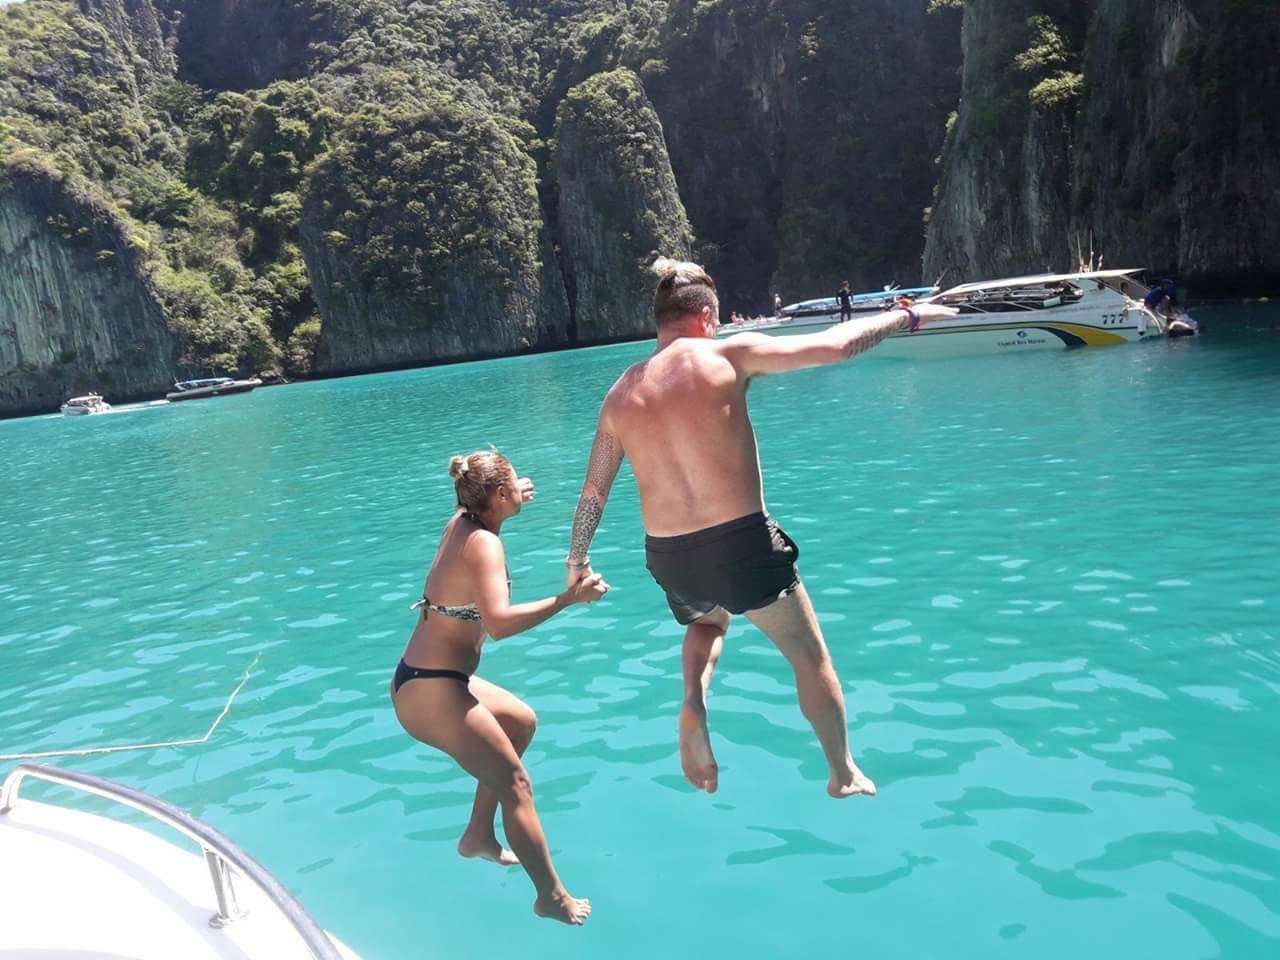 ⭐️⭐️⭐️⭐️⭐️ Islas Phi Phi ⭐️⭐️⭐️⭐️⭐️